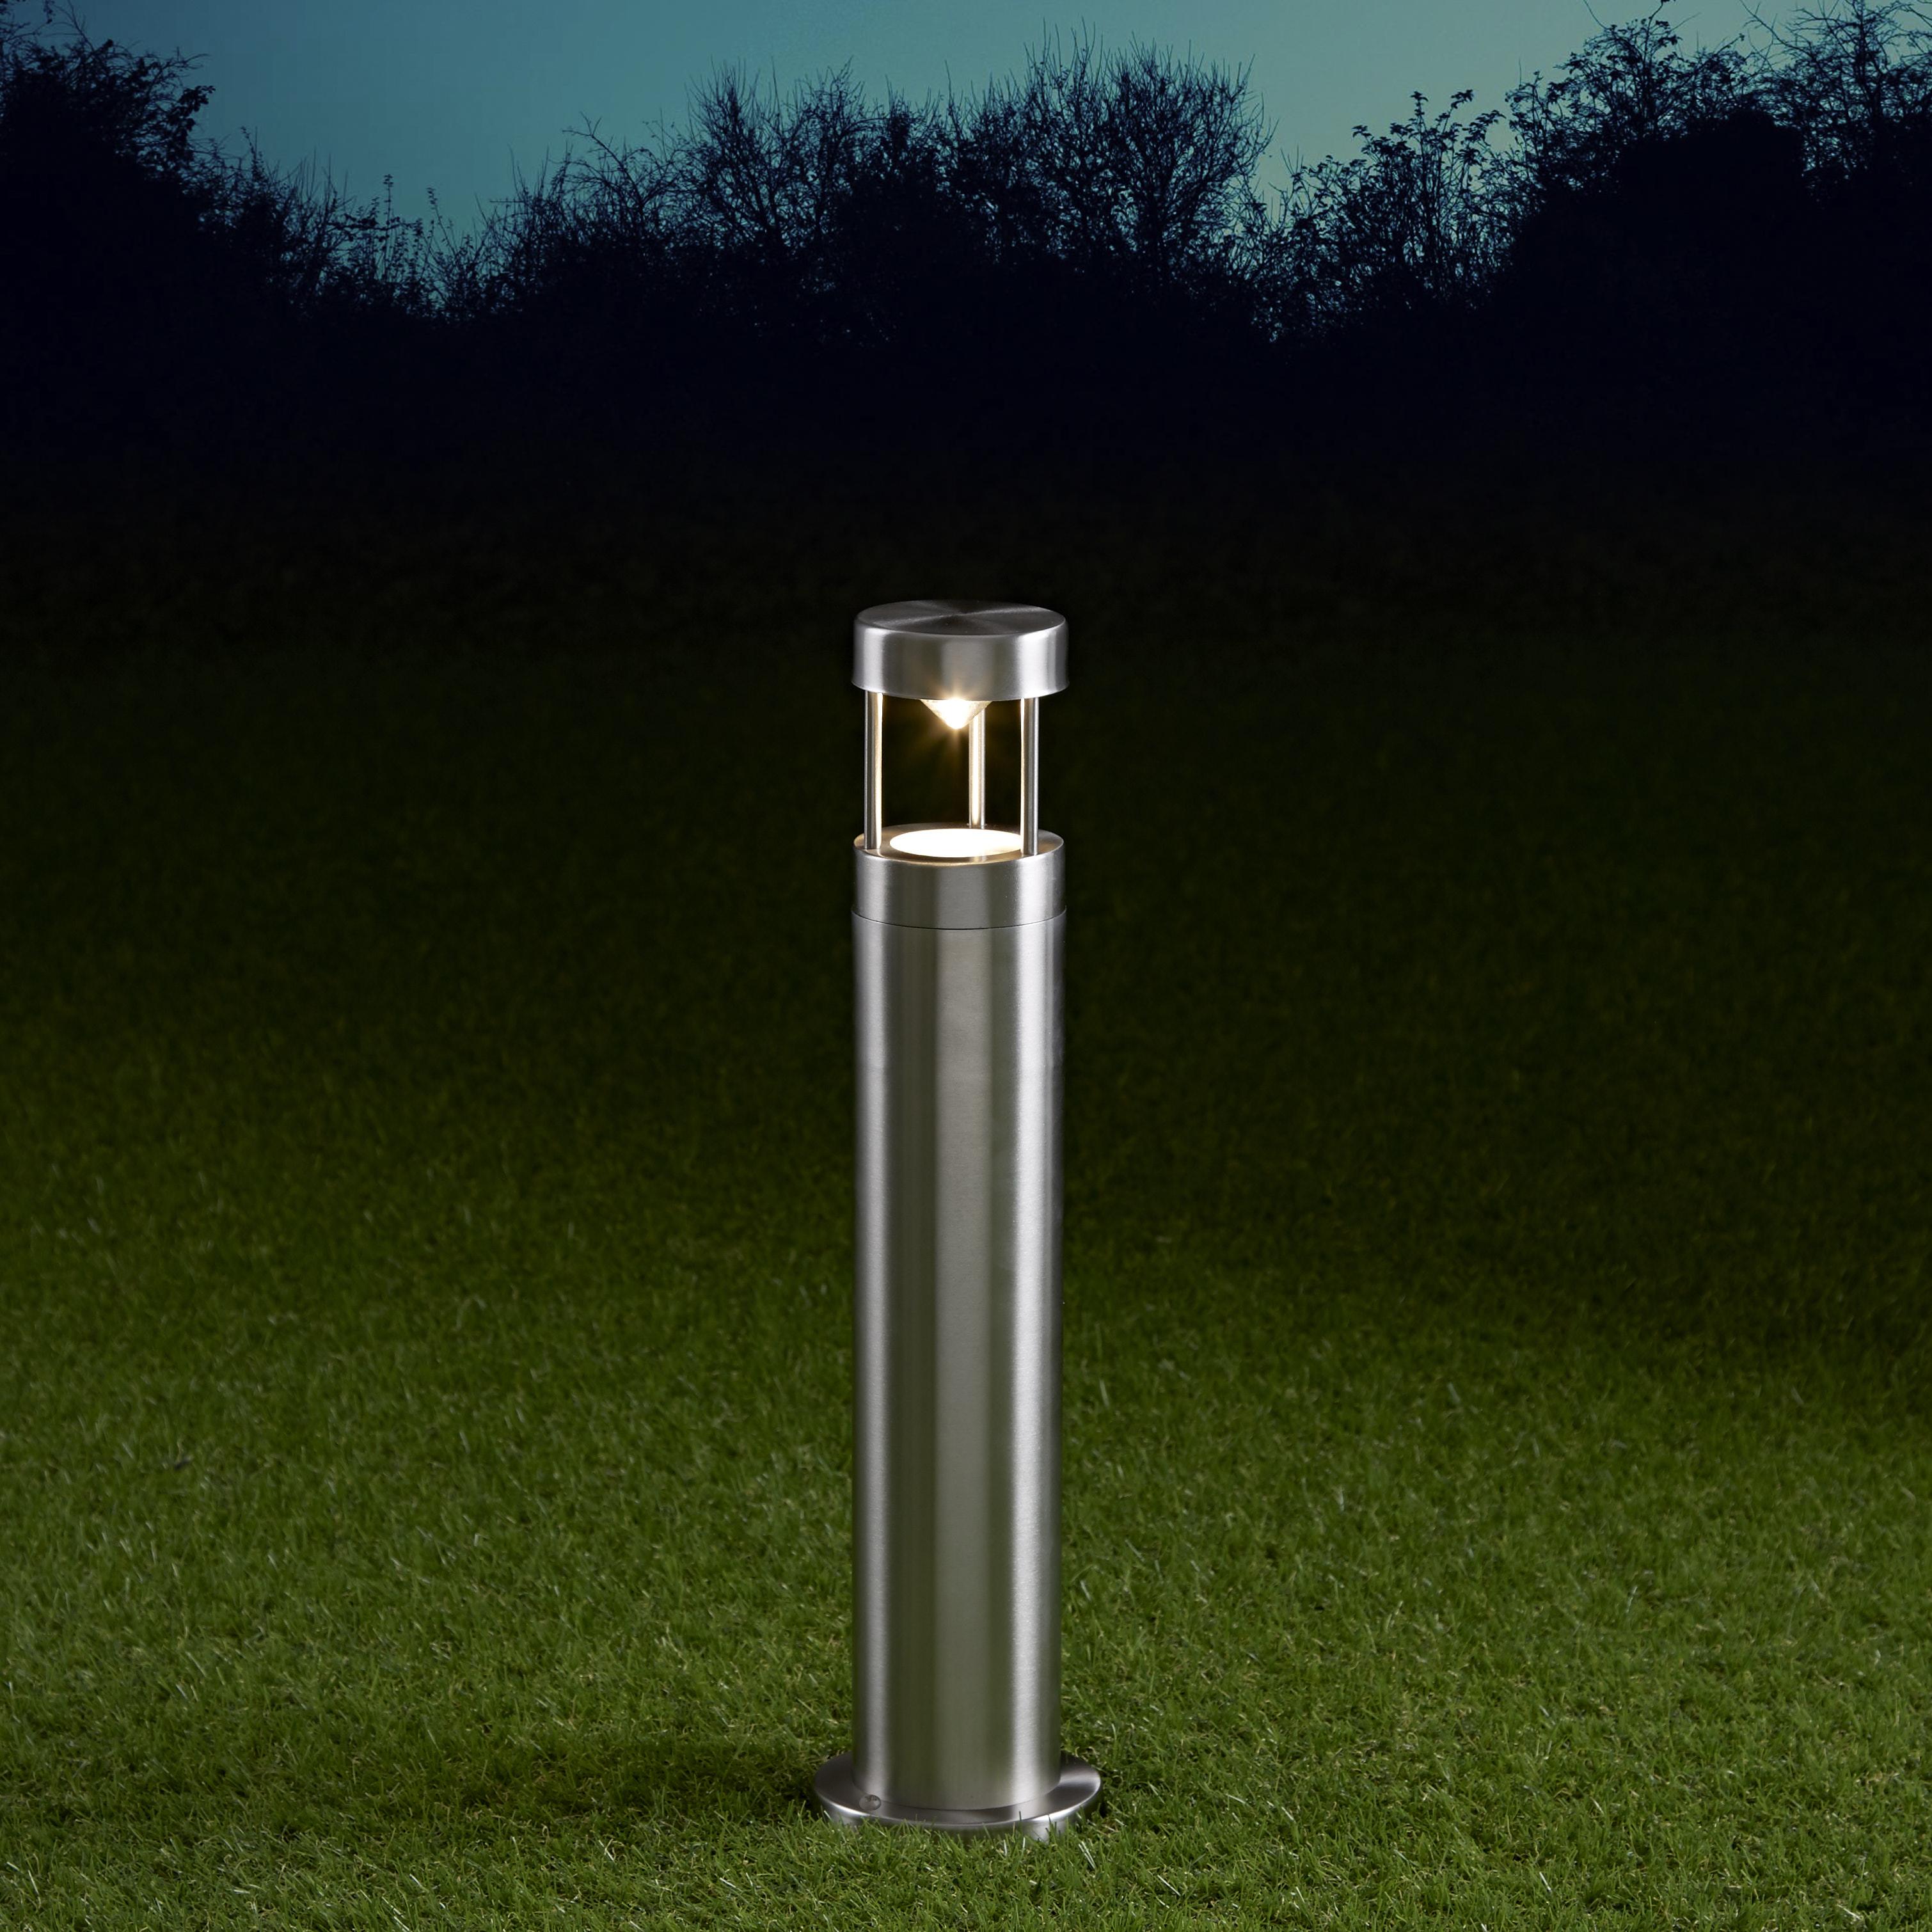 Biard Paletto LED da Esterno 6W in Acciaio Inox 450mm con Lampadina GU10 - Niort